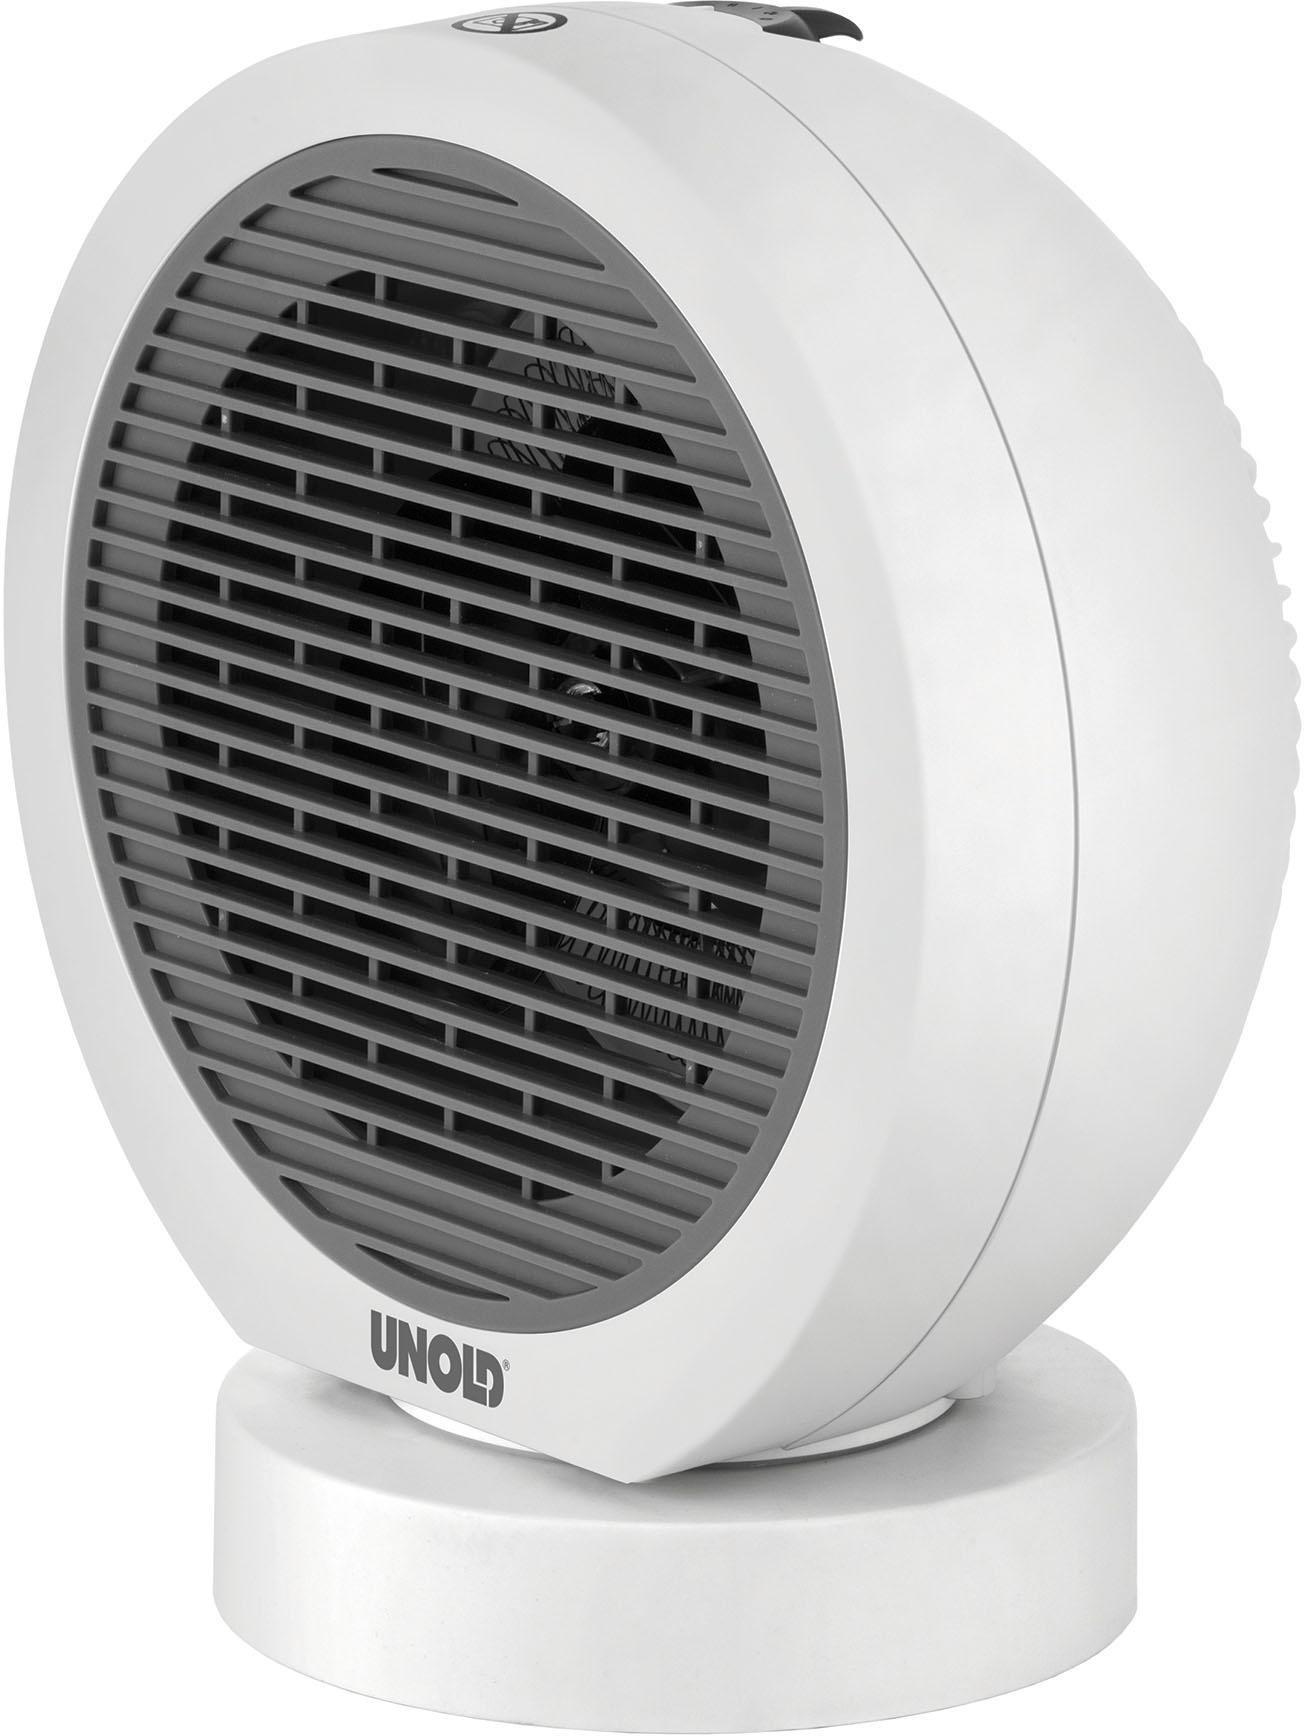 Unold ventilatorkachel Rondo oscillerend 86130 bestellen: 30 dagen bedenktijd